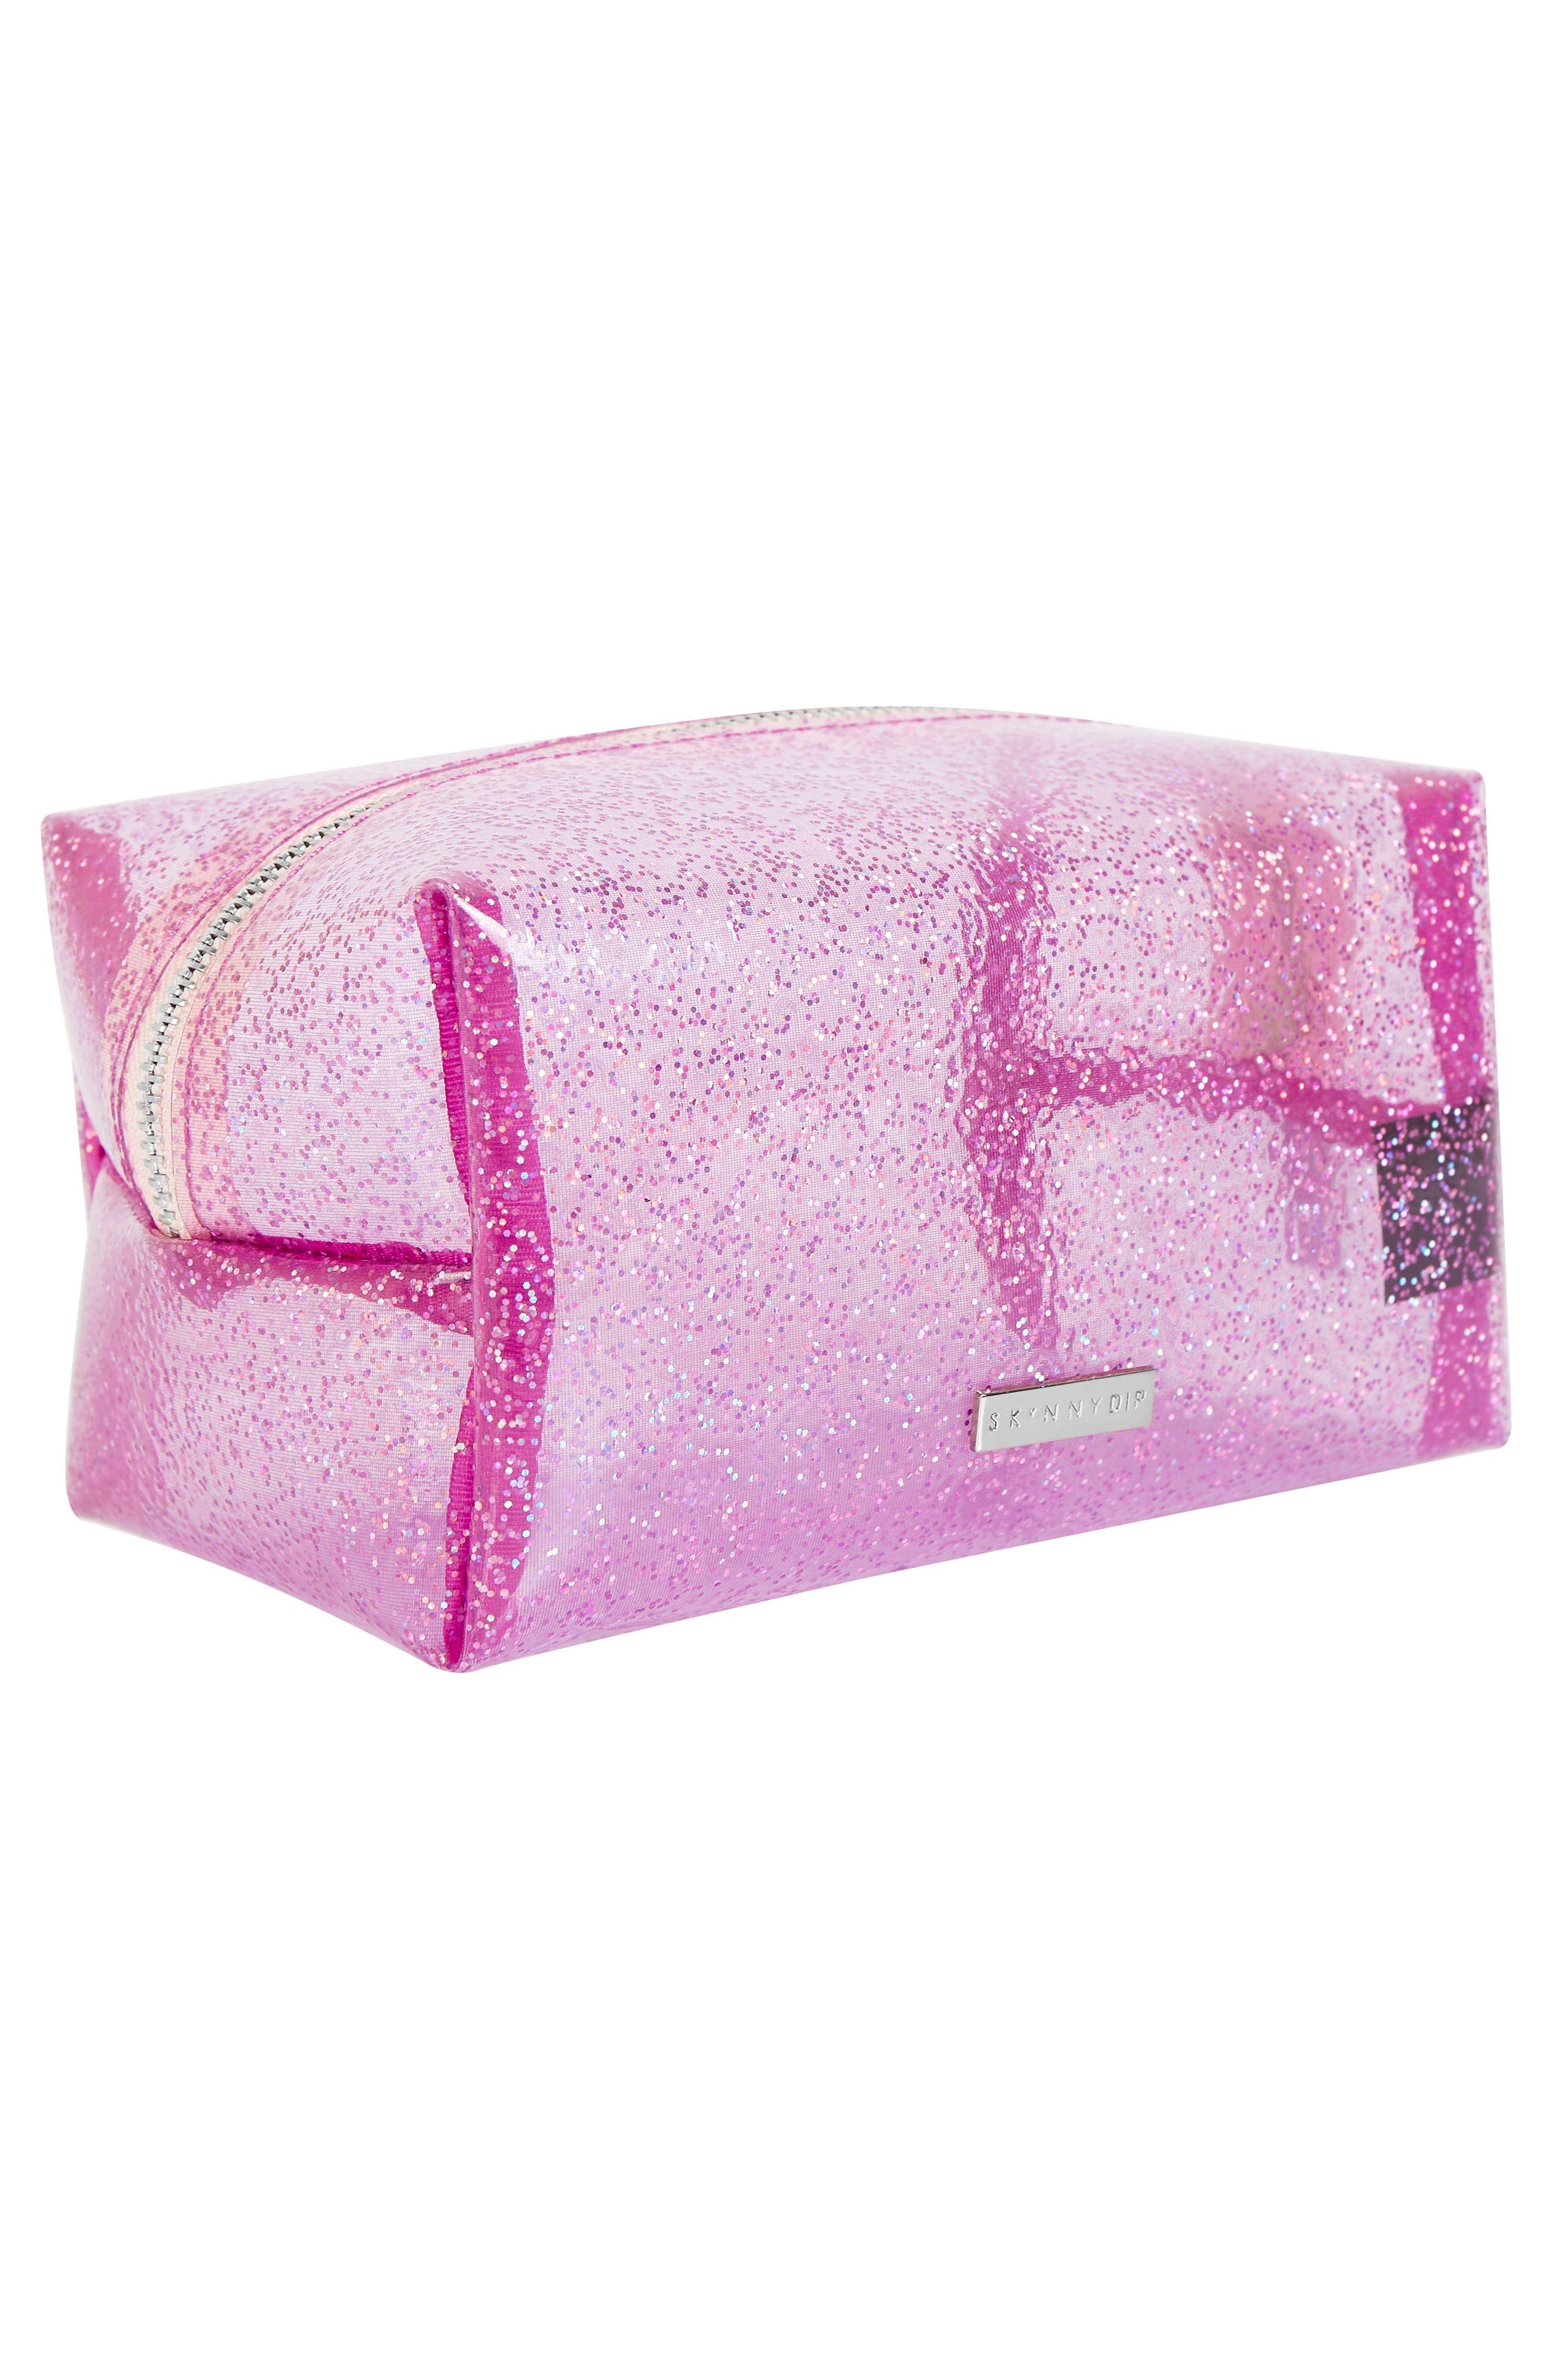 Glitter Bomb Makeup Bag,                             Alternate thumbnail 3, color,                             000